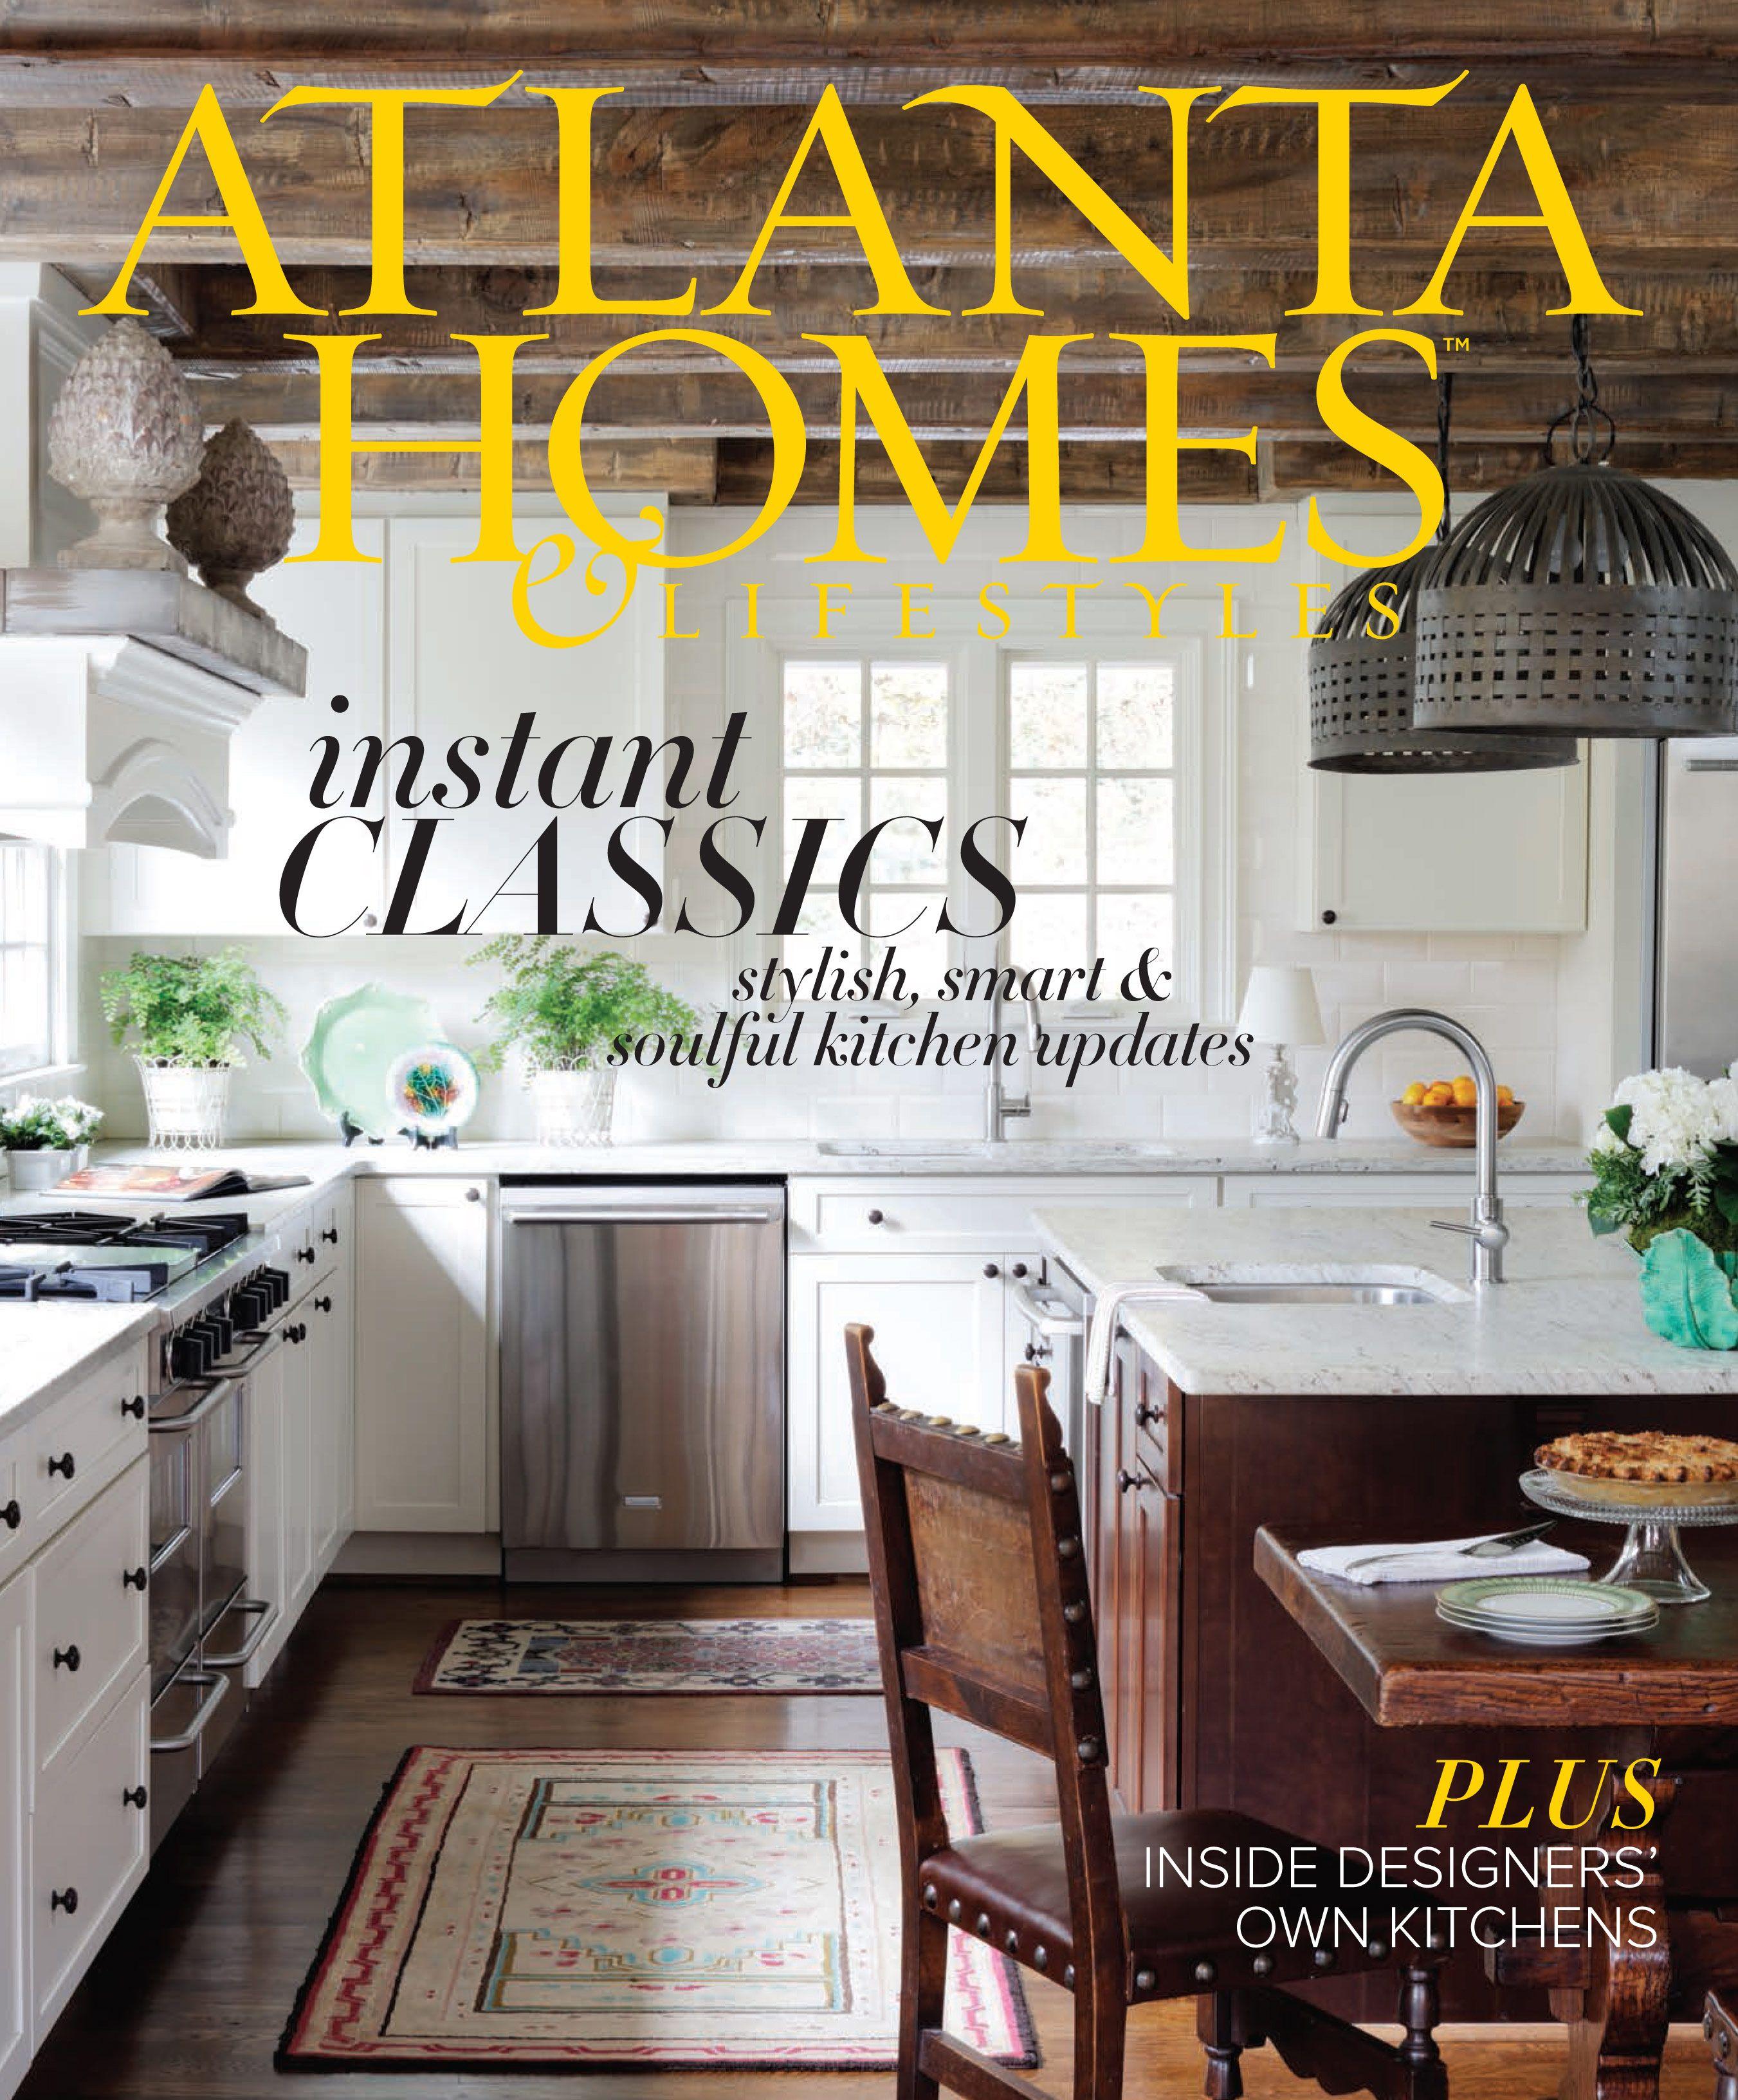 Modern Interior Design Magazine: Atlanta Homes, Updated Kitchen, Interior